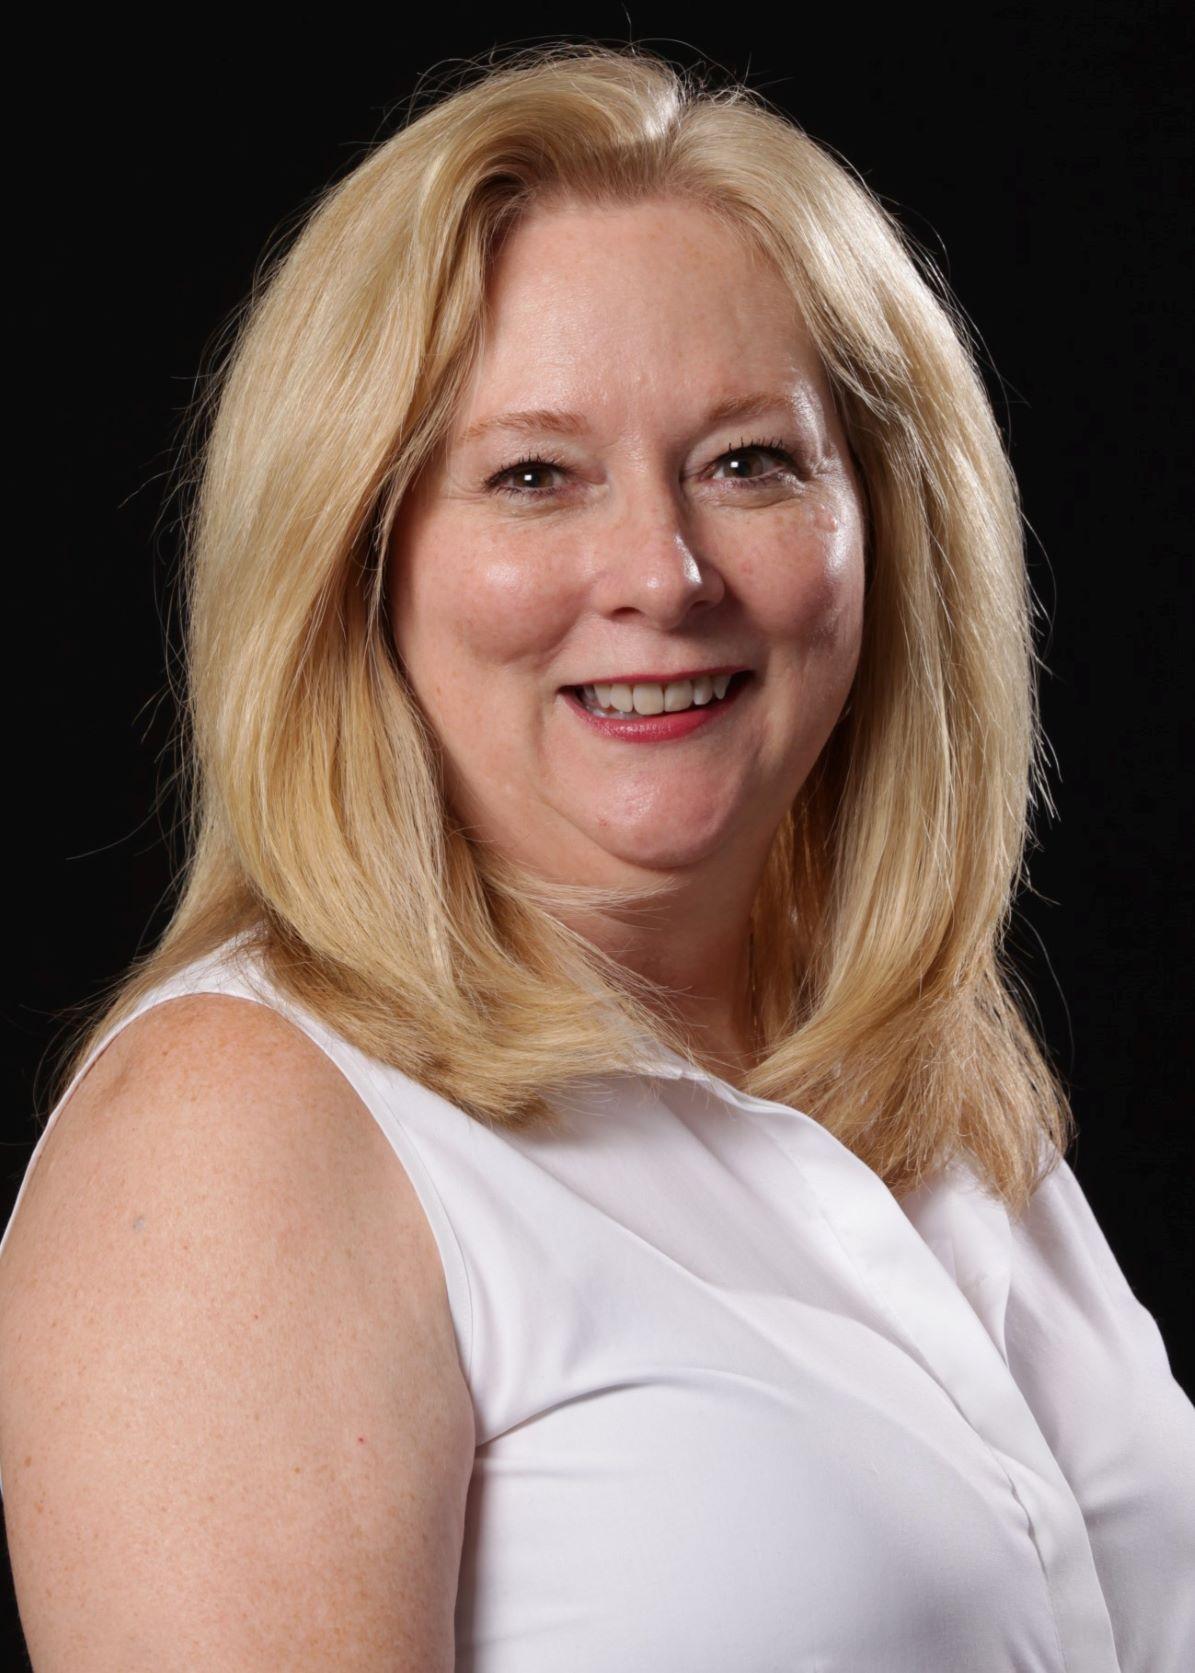 Susan Crockett